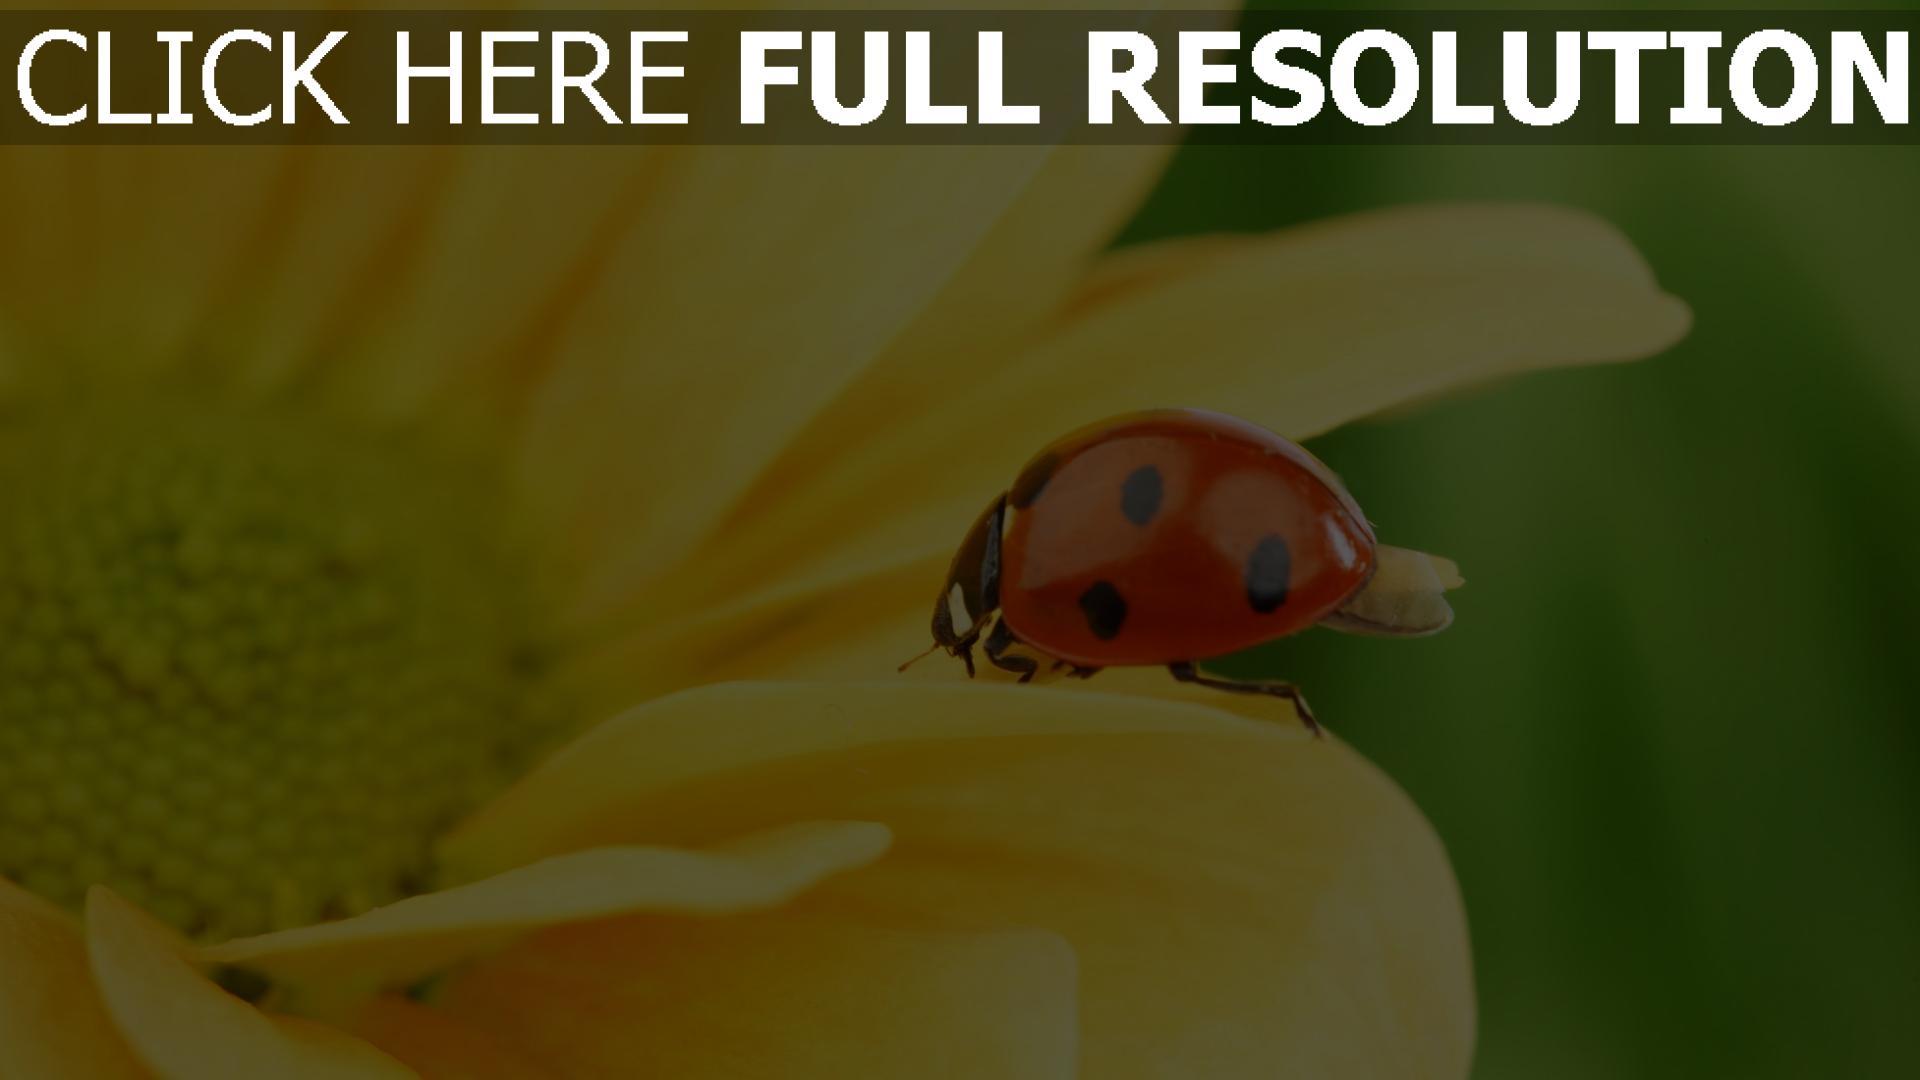 Herunterladen 1920x1080 Full Hd Hintergrundbilder Marienkäfer Blume